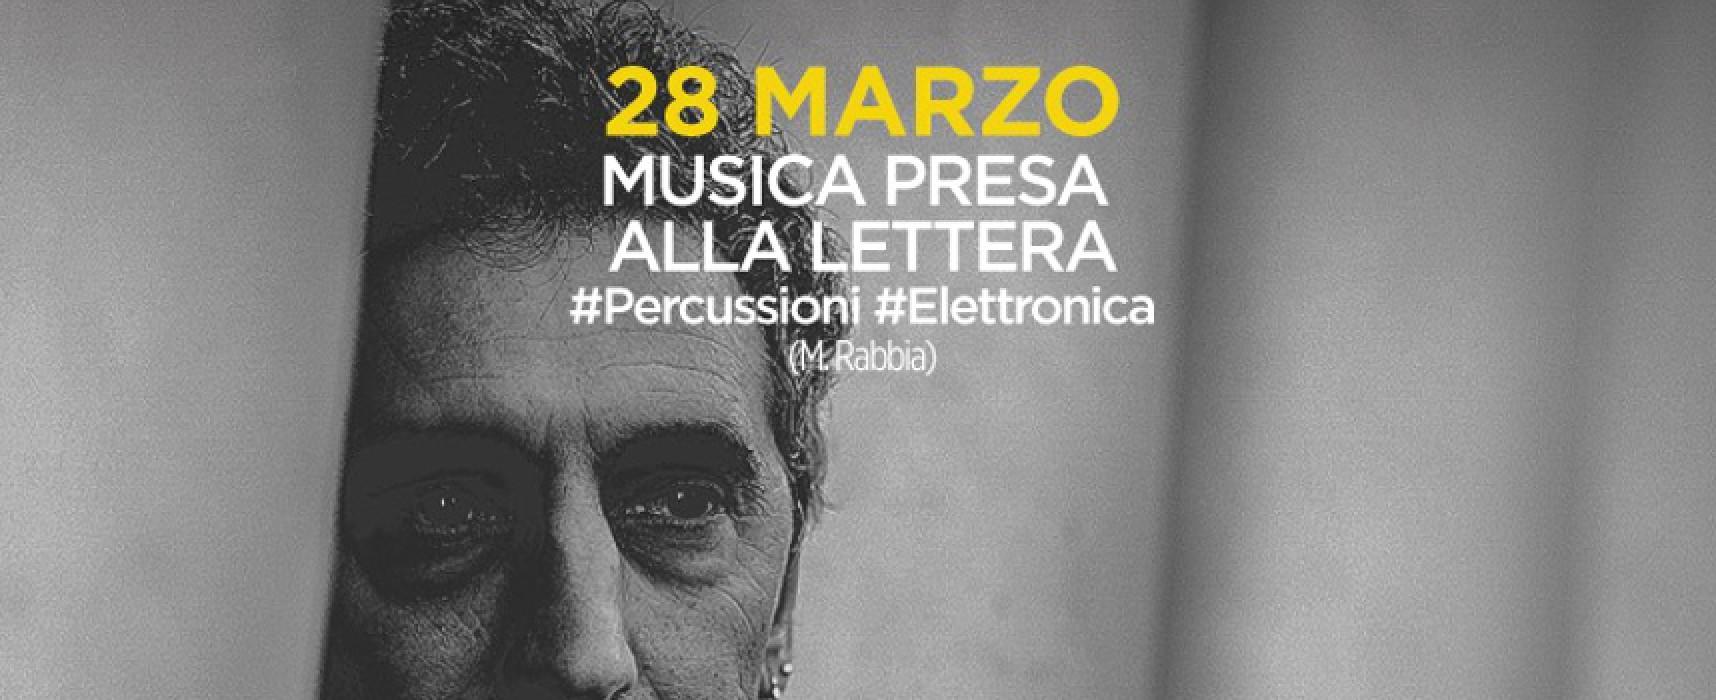 """""""Musica presa alla lettera"""", il progetto artistico di Michele Rabbia al """"Vetrère Jazz Festival plus"""""""